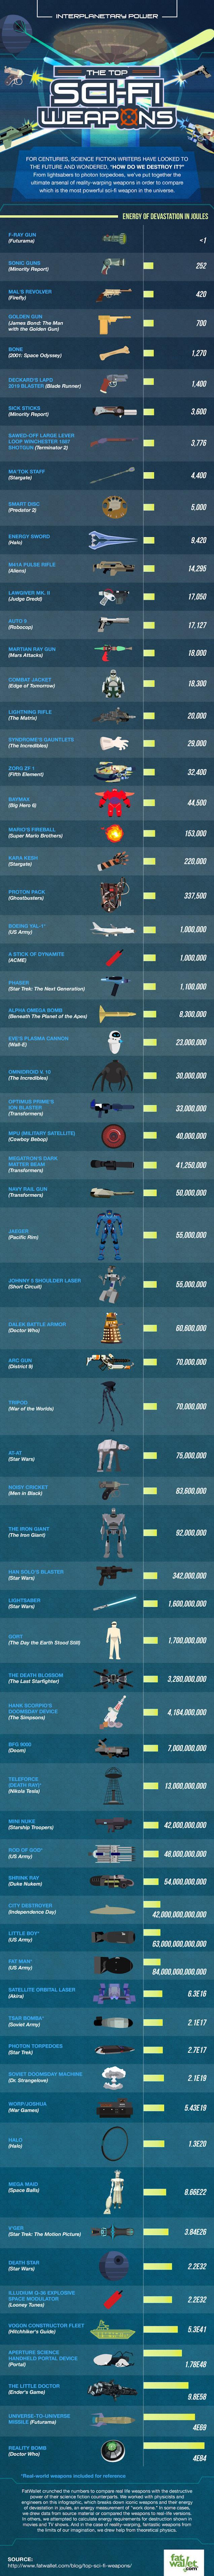 La lista delle armi di fantascienza